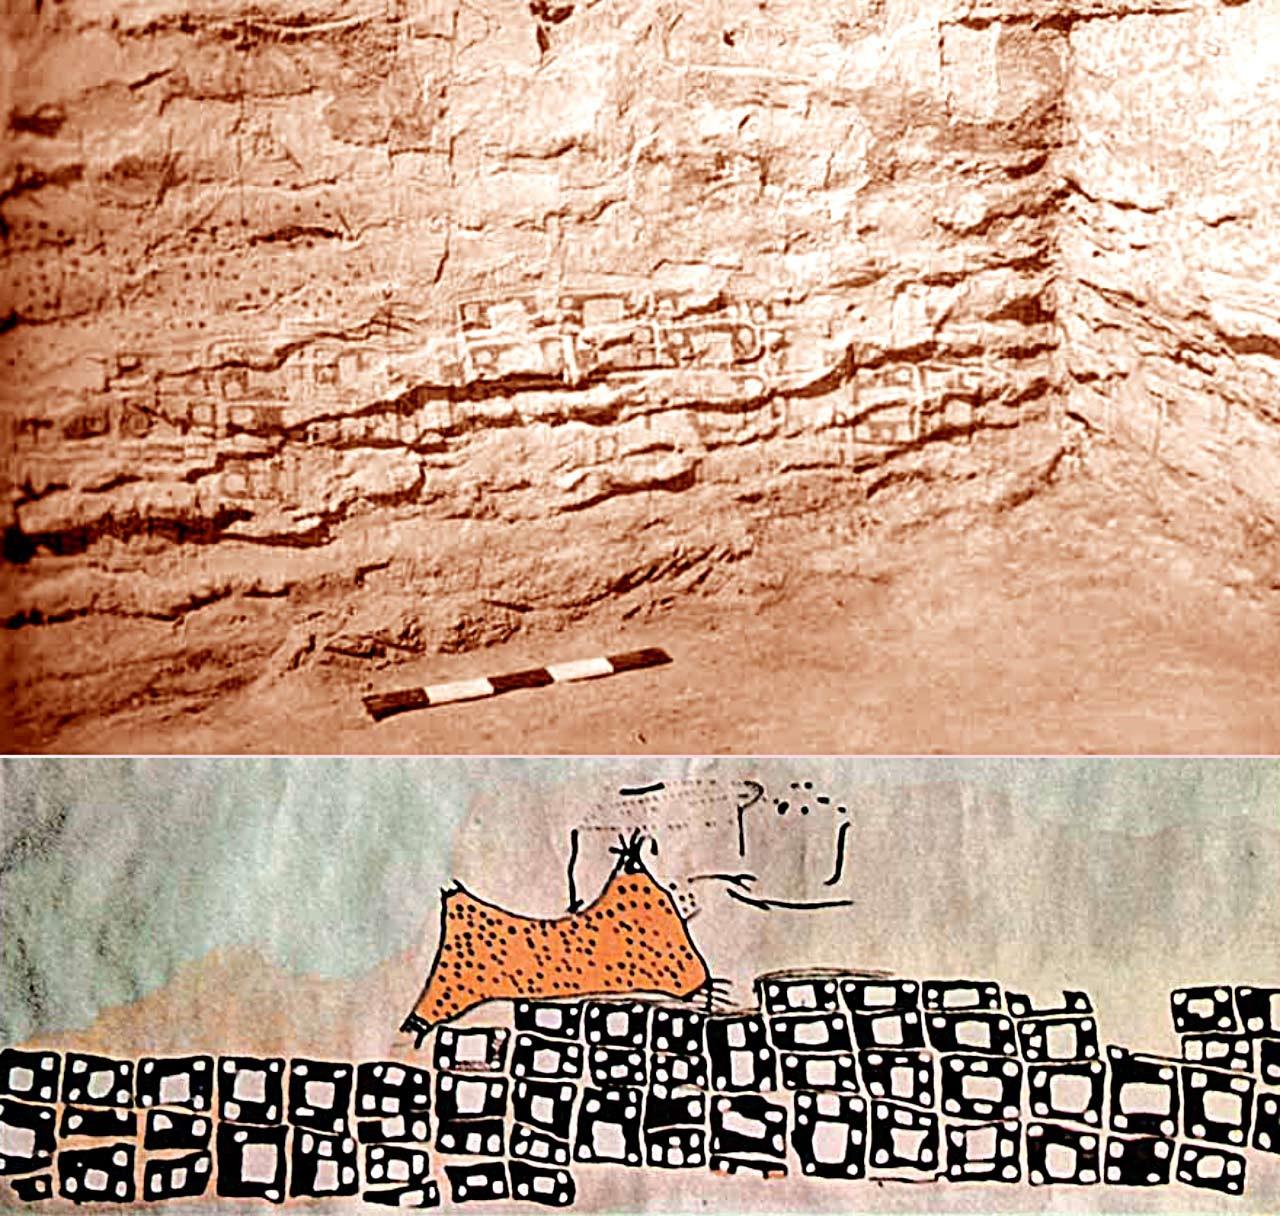 Li Warê Niştebûnê Çatalhoyuka ku aîdî Serdema Neolîtîk a beriya niha 8.500s salan e, di sala 196an de ji aliyê arkeologê Ingilîz James Mellart ve hatiye kolandin; plana niştecihbûnê ya li ser dîwarekî dixuyê. (Li ser in-situ li bin xêz)